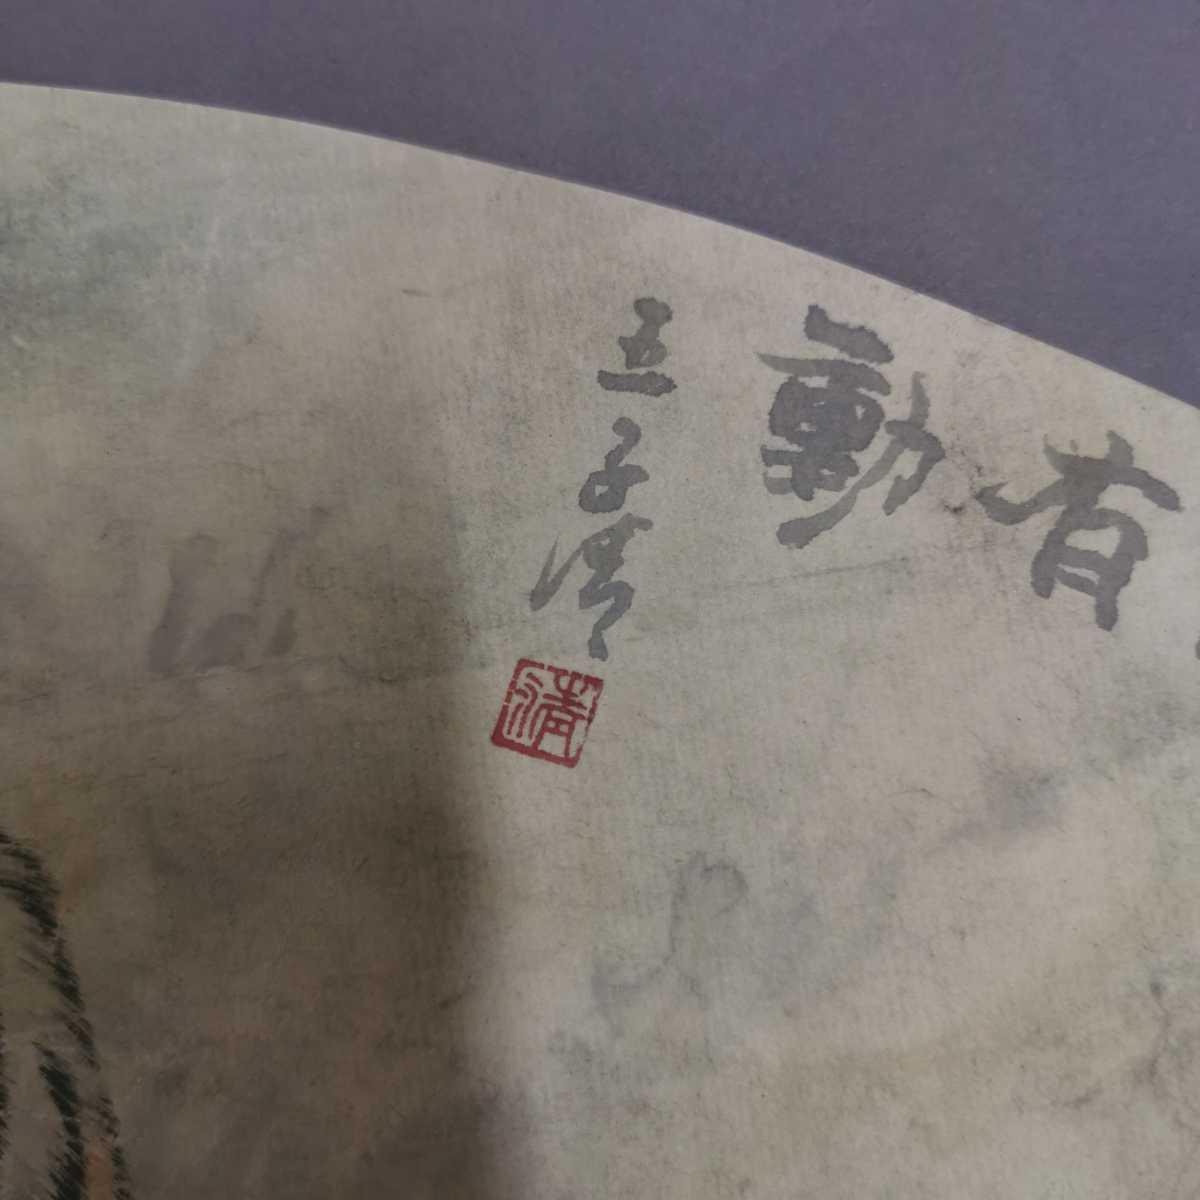 中国美術 扇面 掛軸 虎図 紙本 肉筆保証 掛け軸 時代物 在銘 中国古美術 唐物000307_画像8